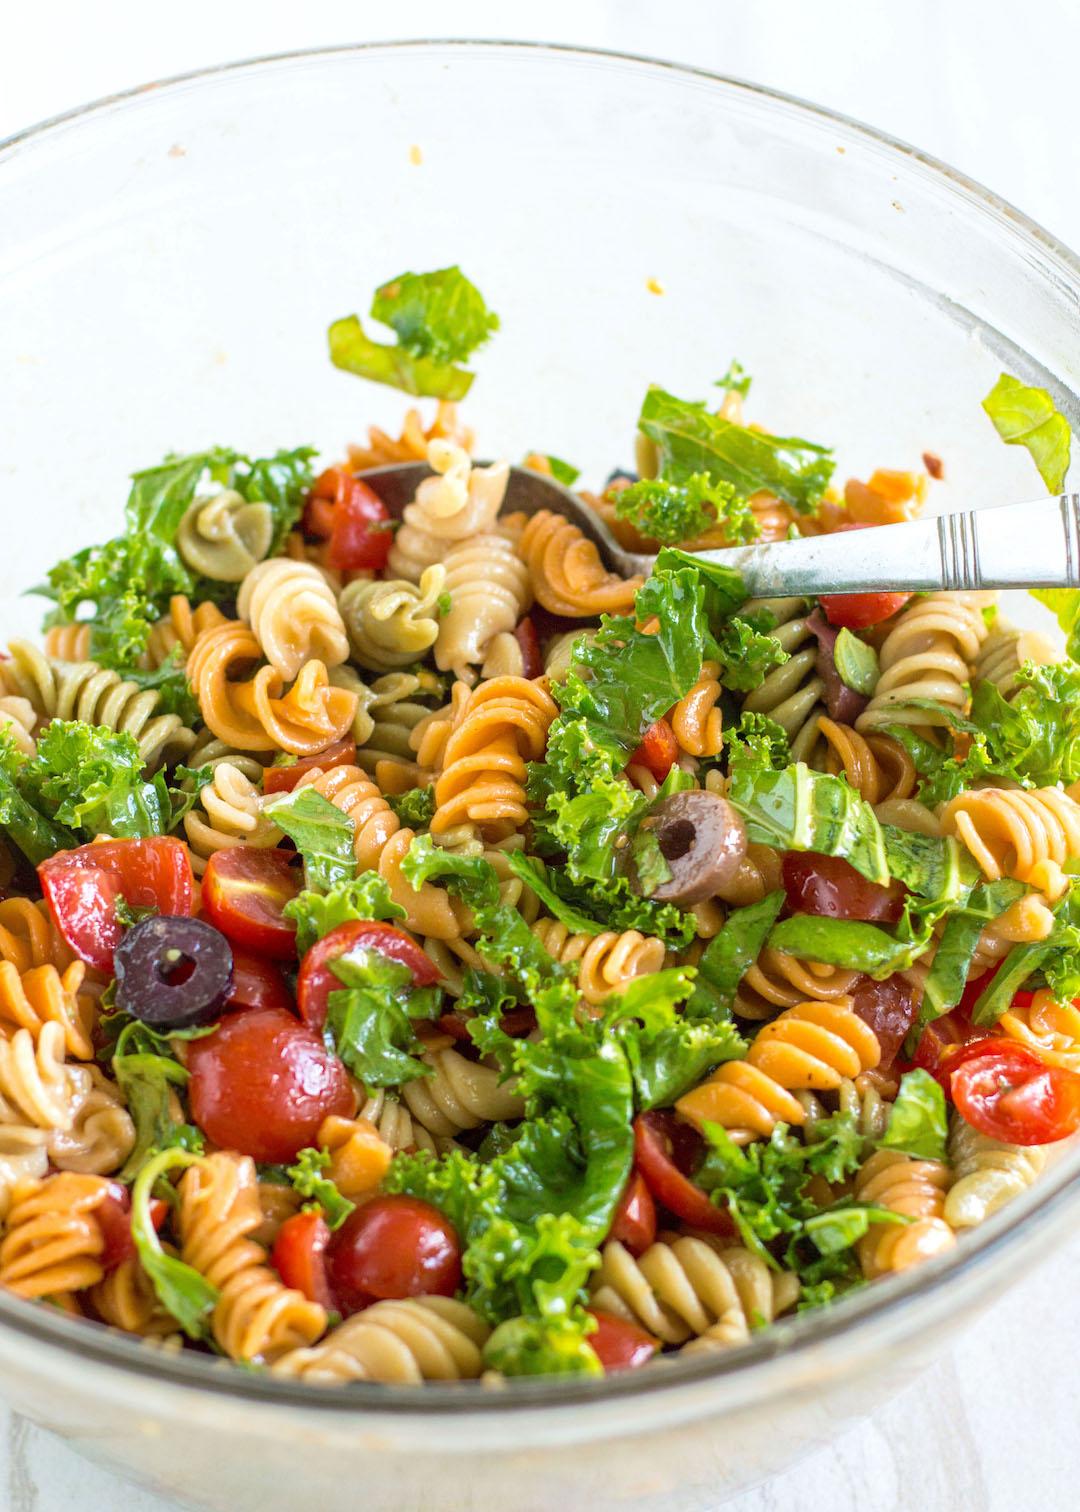 GF Bruschetta Pasta Salad | EASY to make make-ahead lunch | crowd-pleasing dish | gluten free | vegetarian | healthy pasta salad